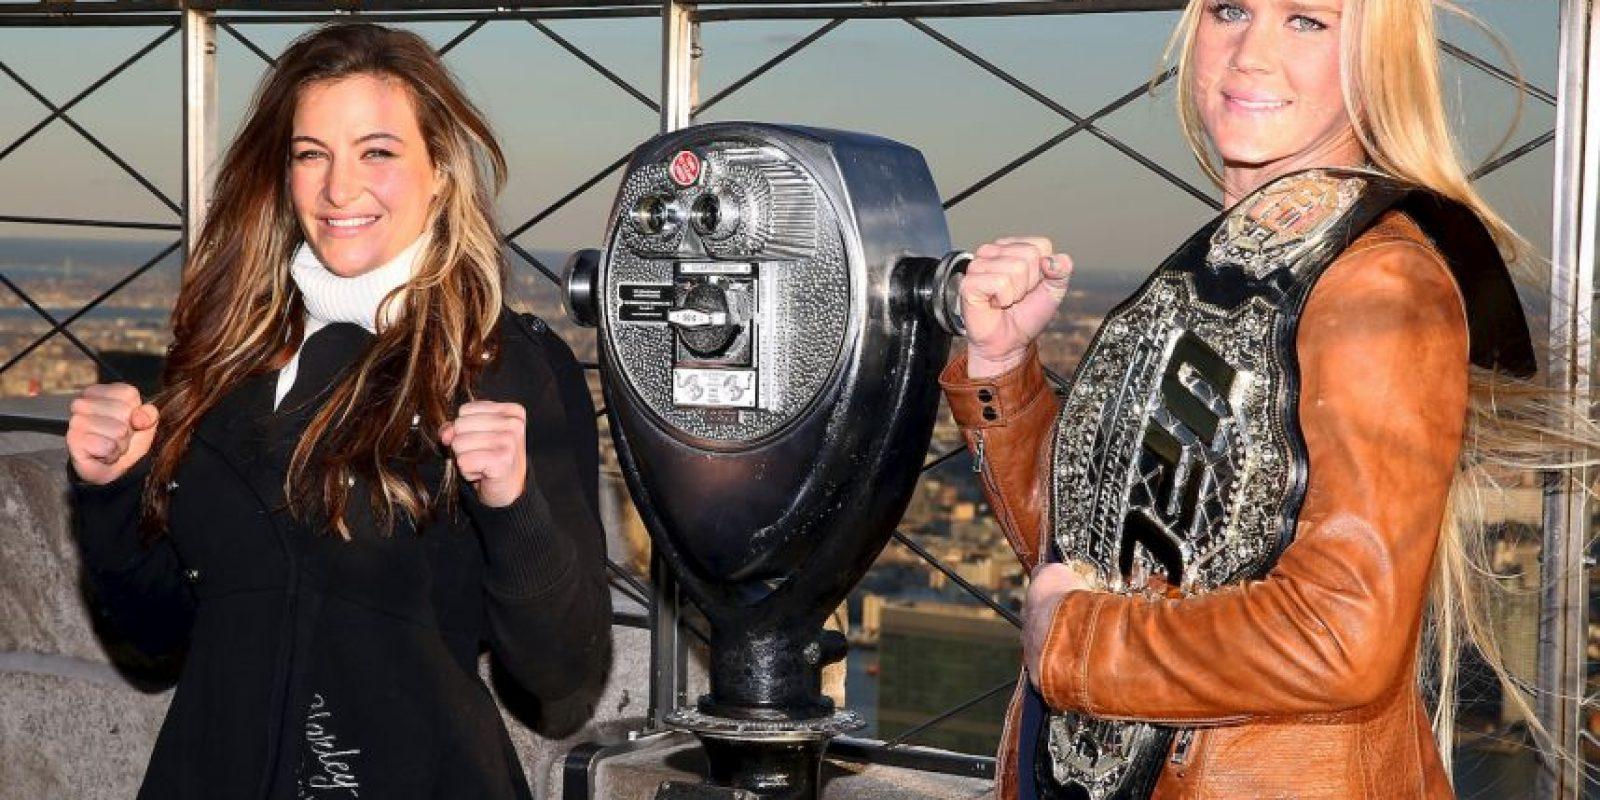 ¿Quien se quedará con el cinturón? Holly Holm y Miesha Tate disputan el campeonato de Peso Gallo de Mujeres de la UFC. Foto:Getty Images